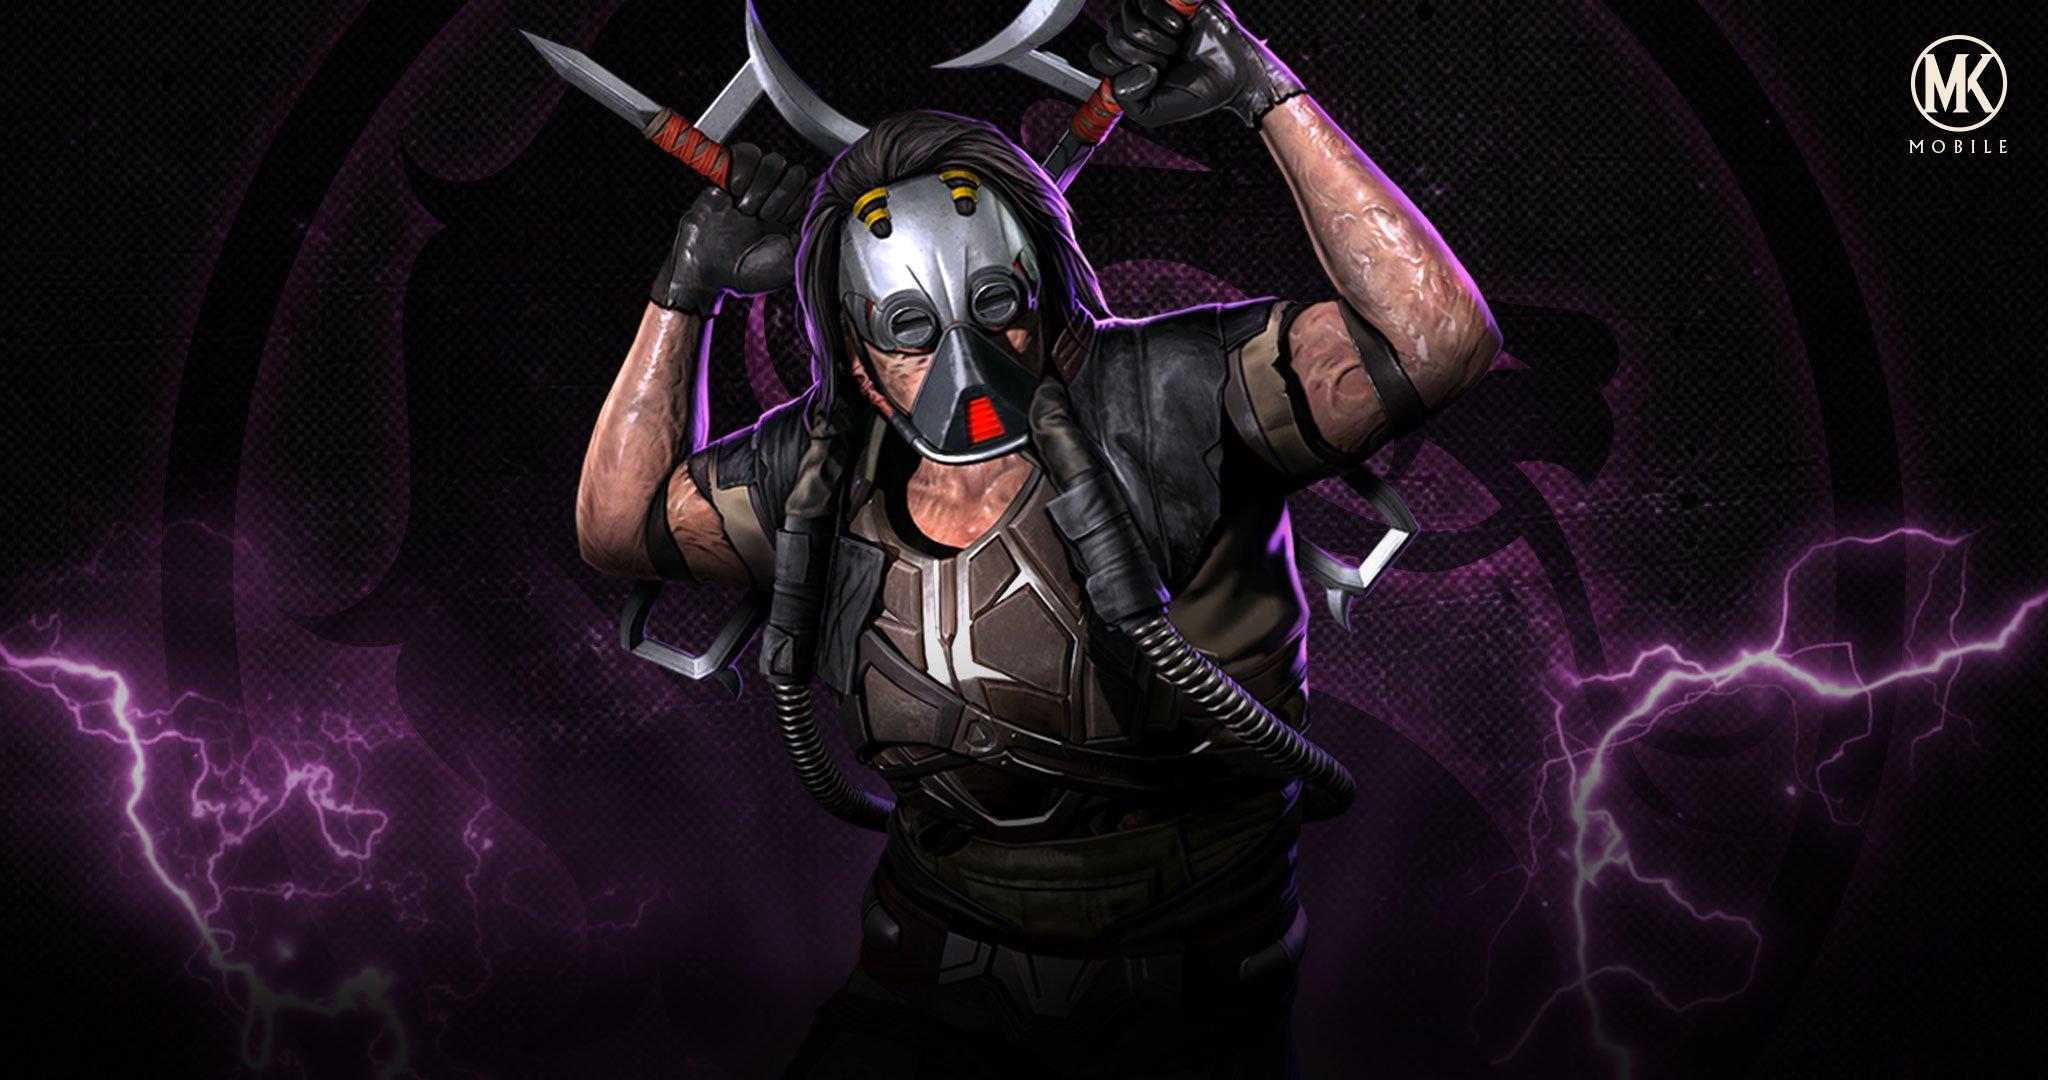 Обои джейд, Mortal kombat, komplete edition, синдел. Игры foto 9